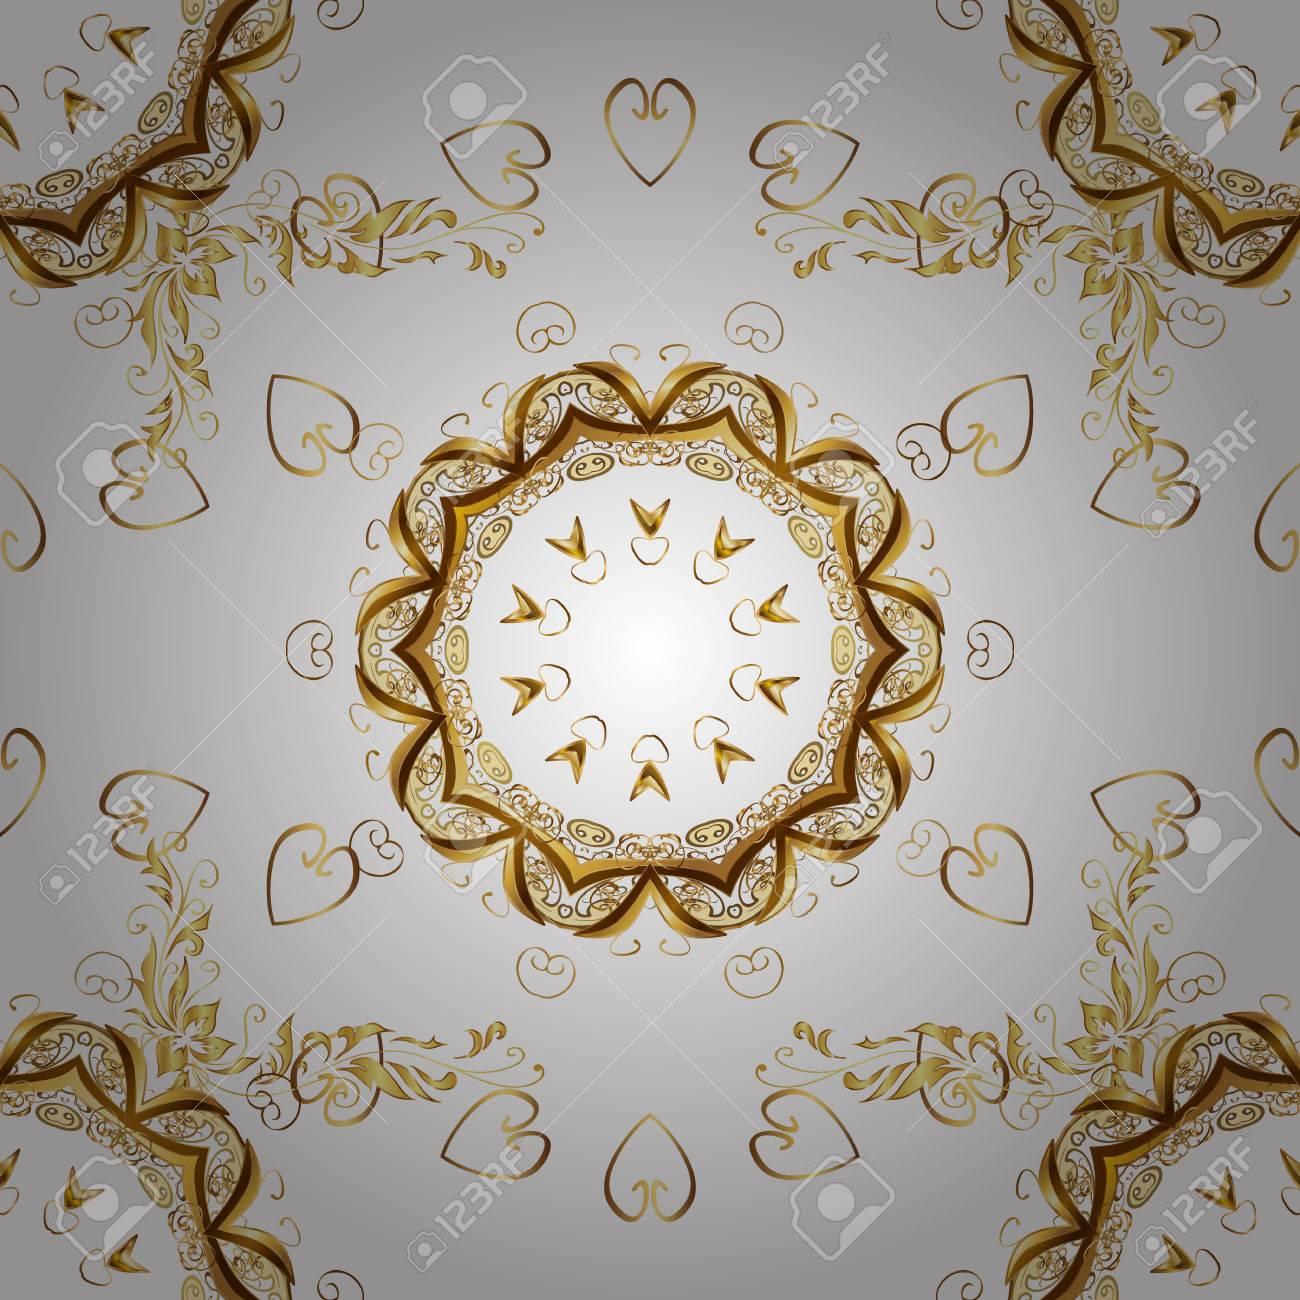 Goldene Weiss Jahrgang Nahtlose Muster Goldkonigliche Klassische